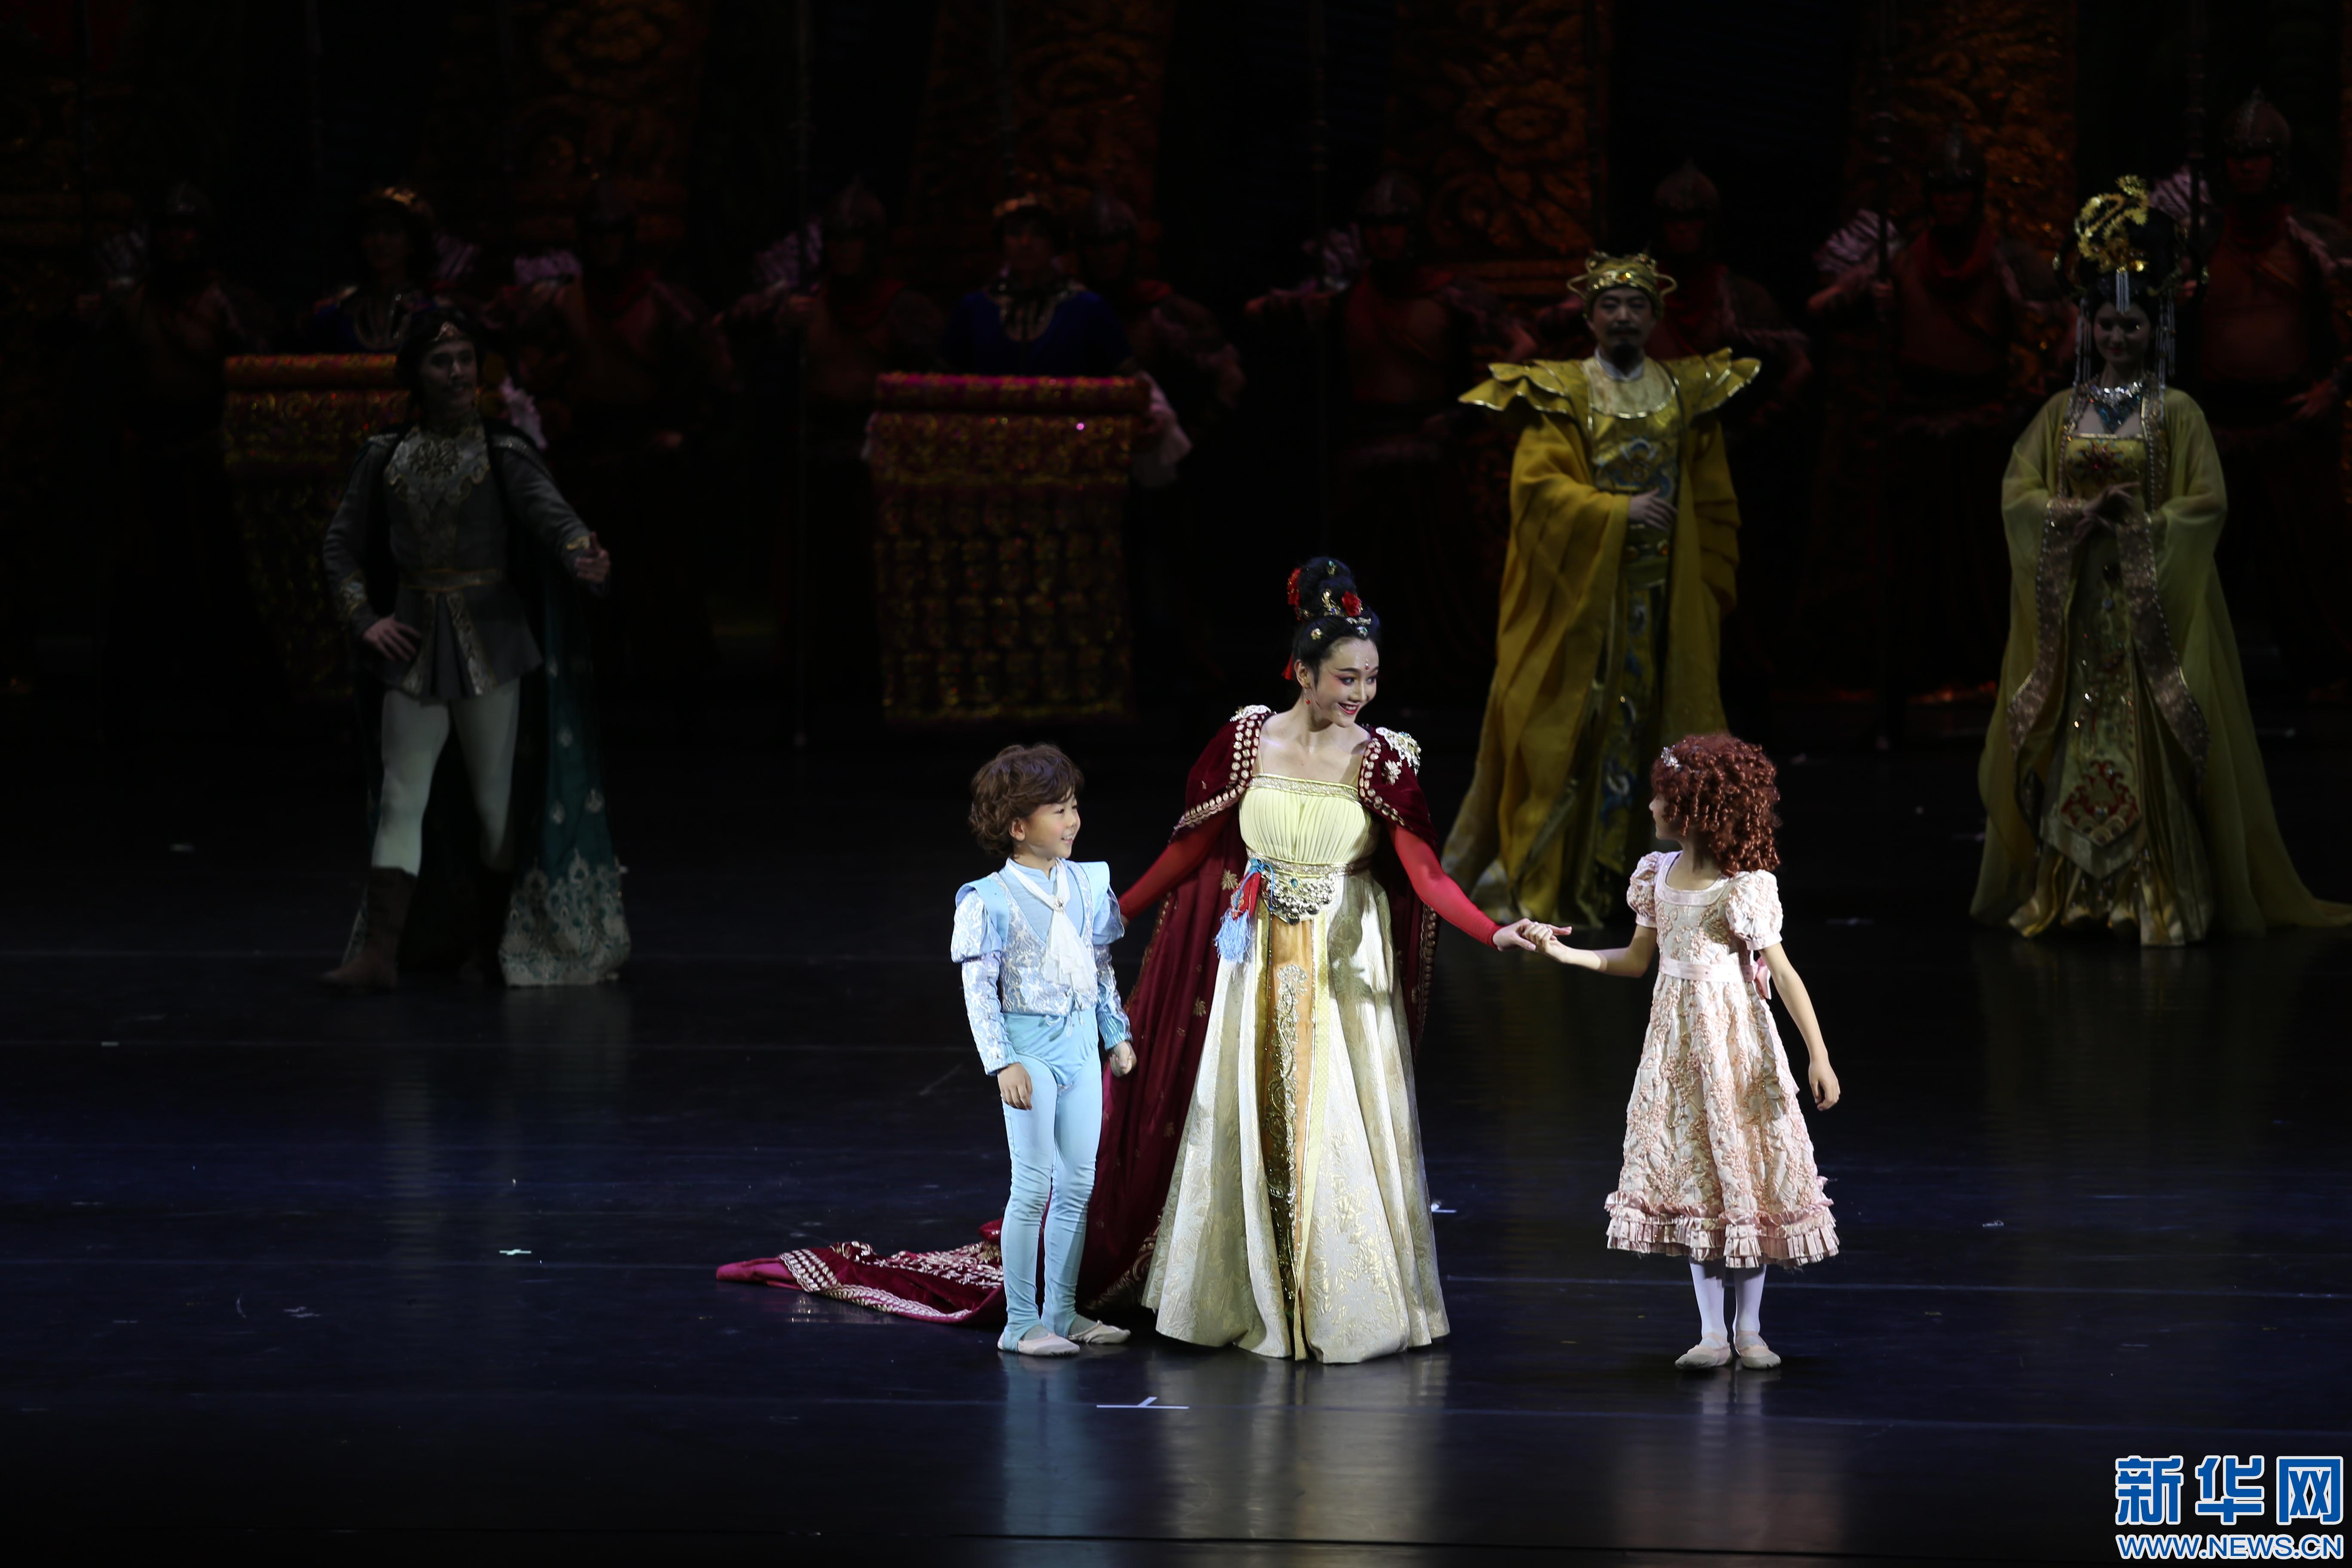 舞剧《丝绸公主》西安上演 讲述古丝绸之路上的爱情故事